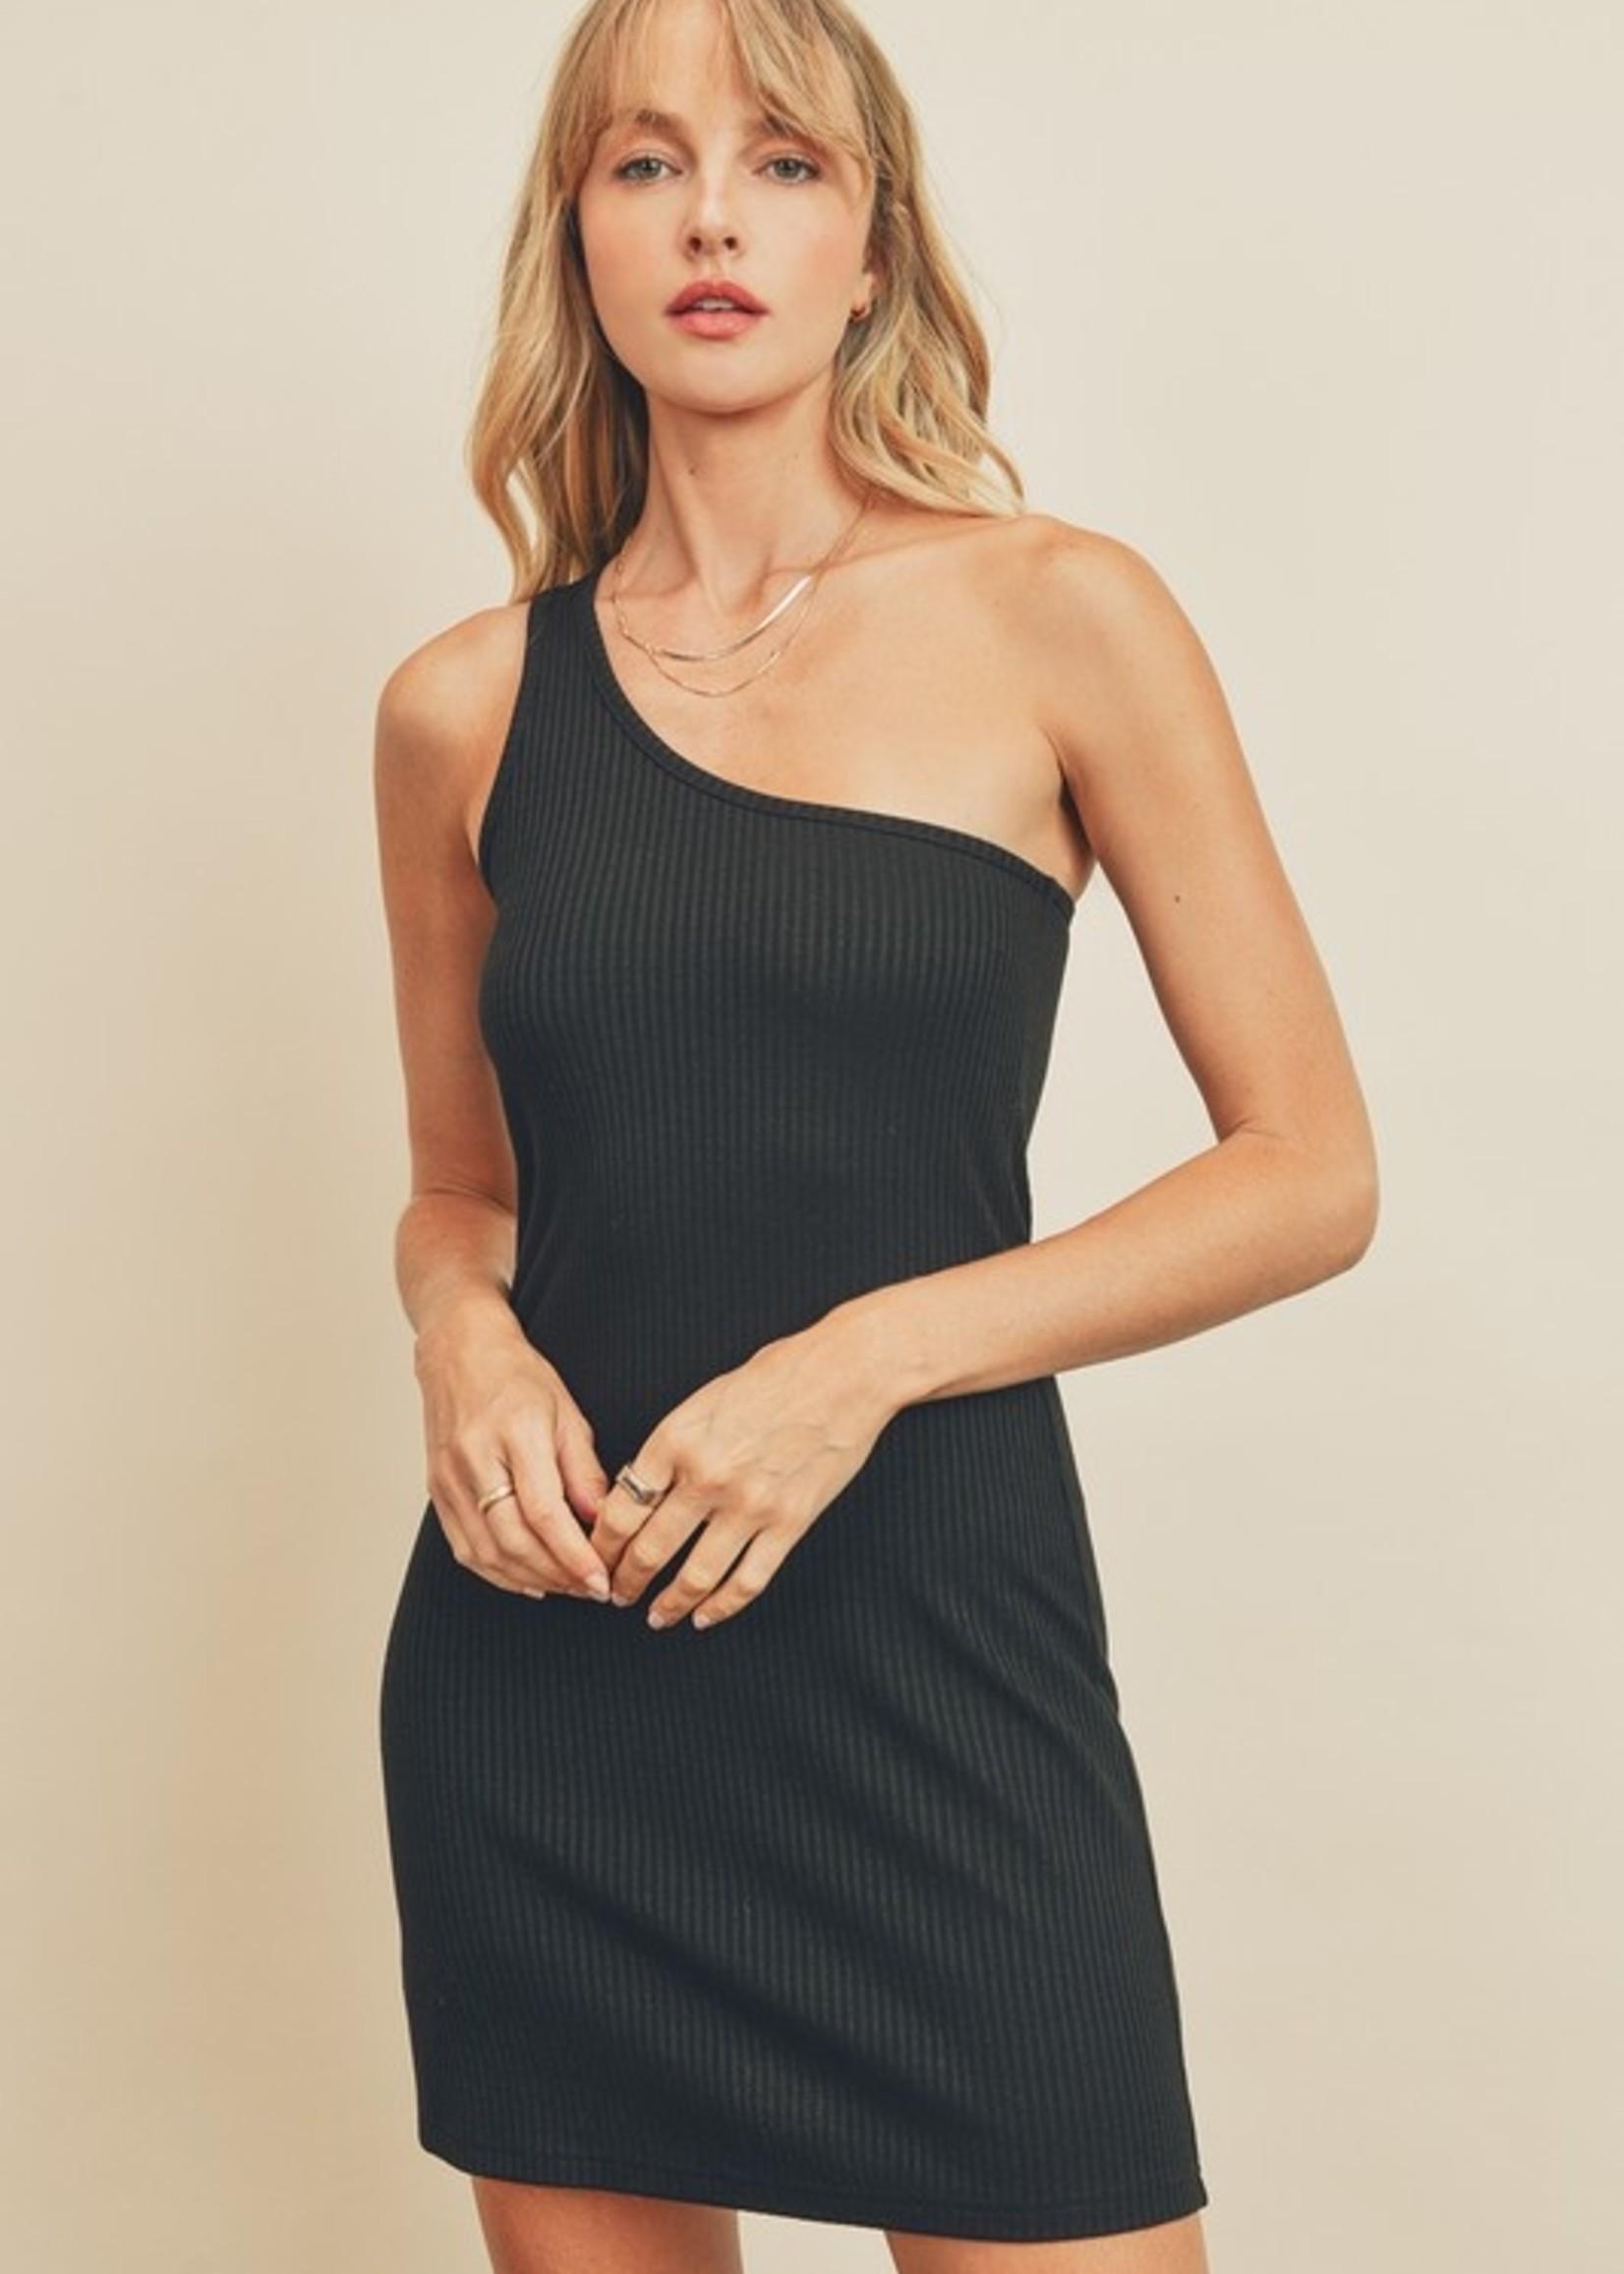 One Shoulder Ribbed Dress - Black